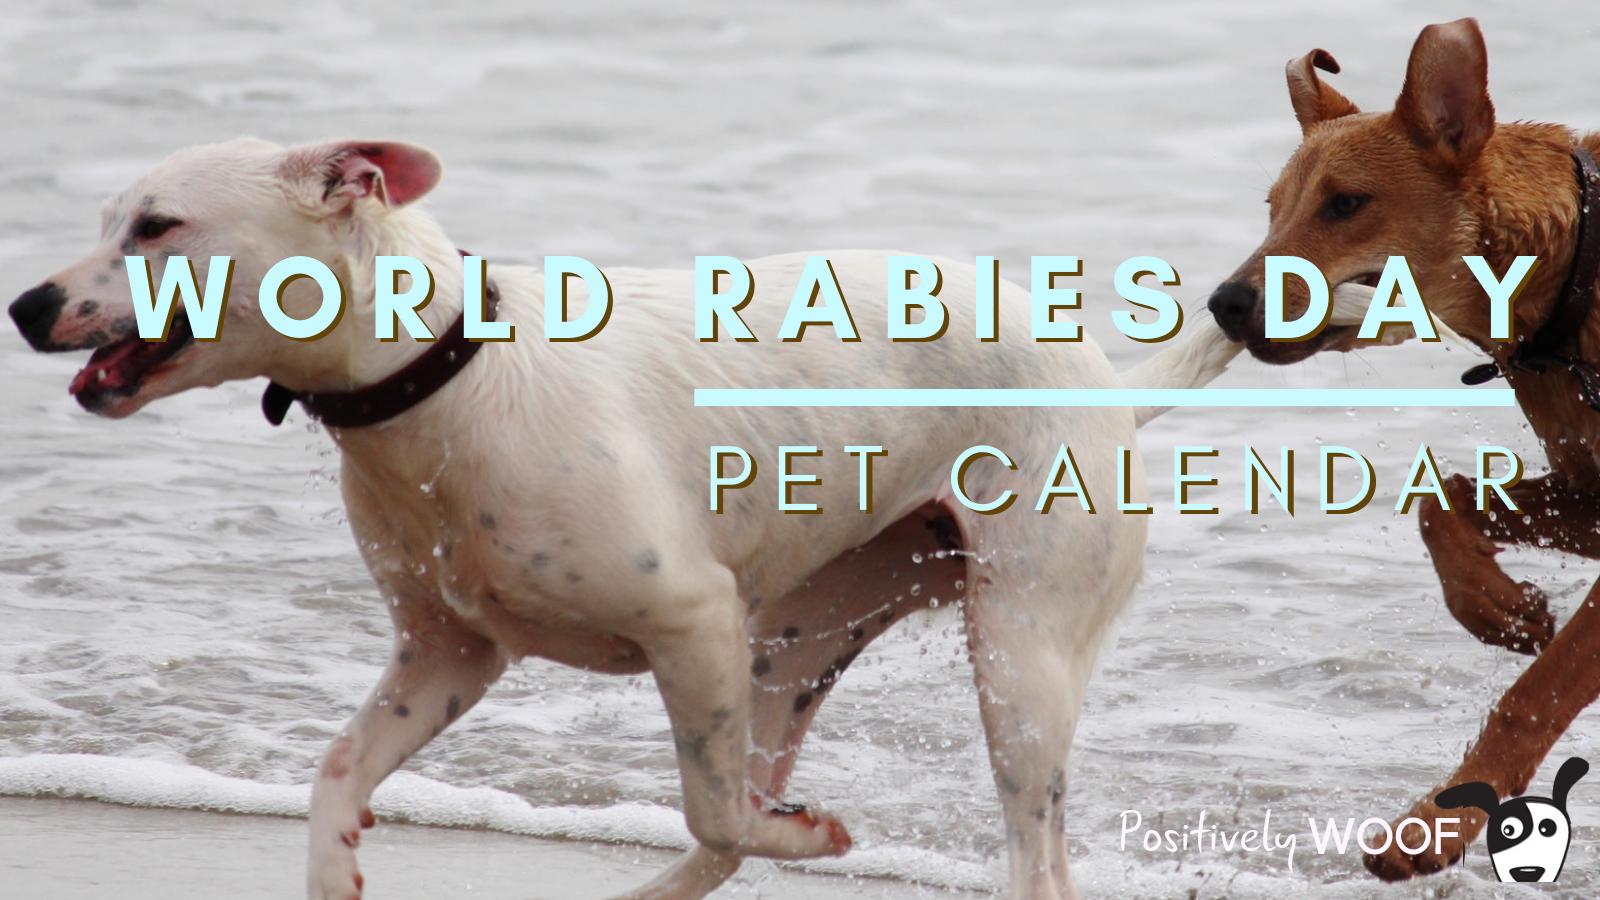 pet calendar world rabies day